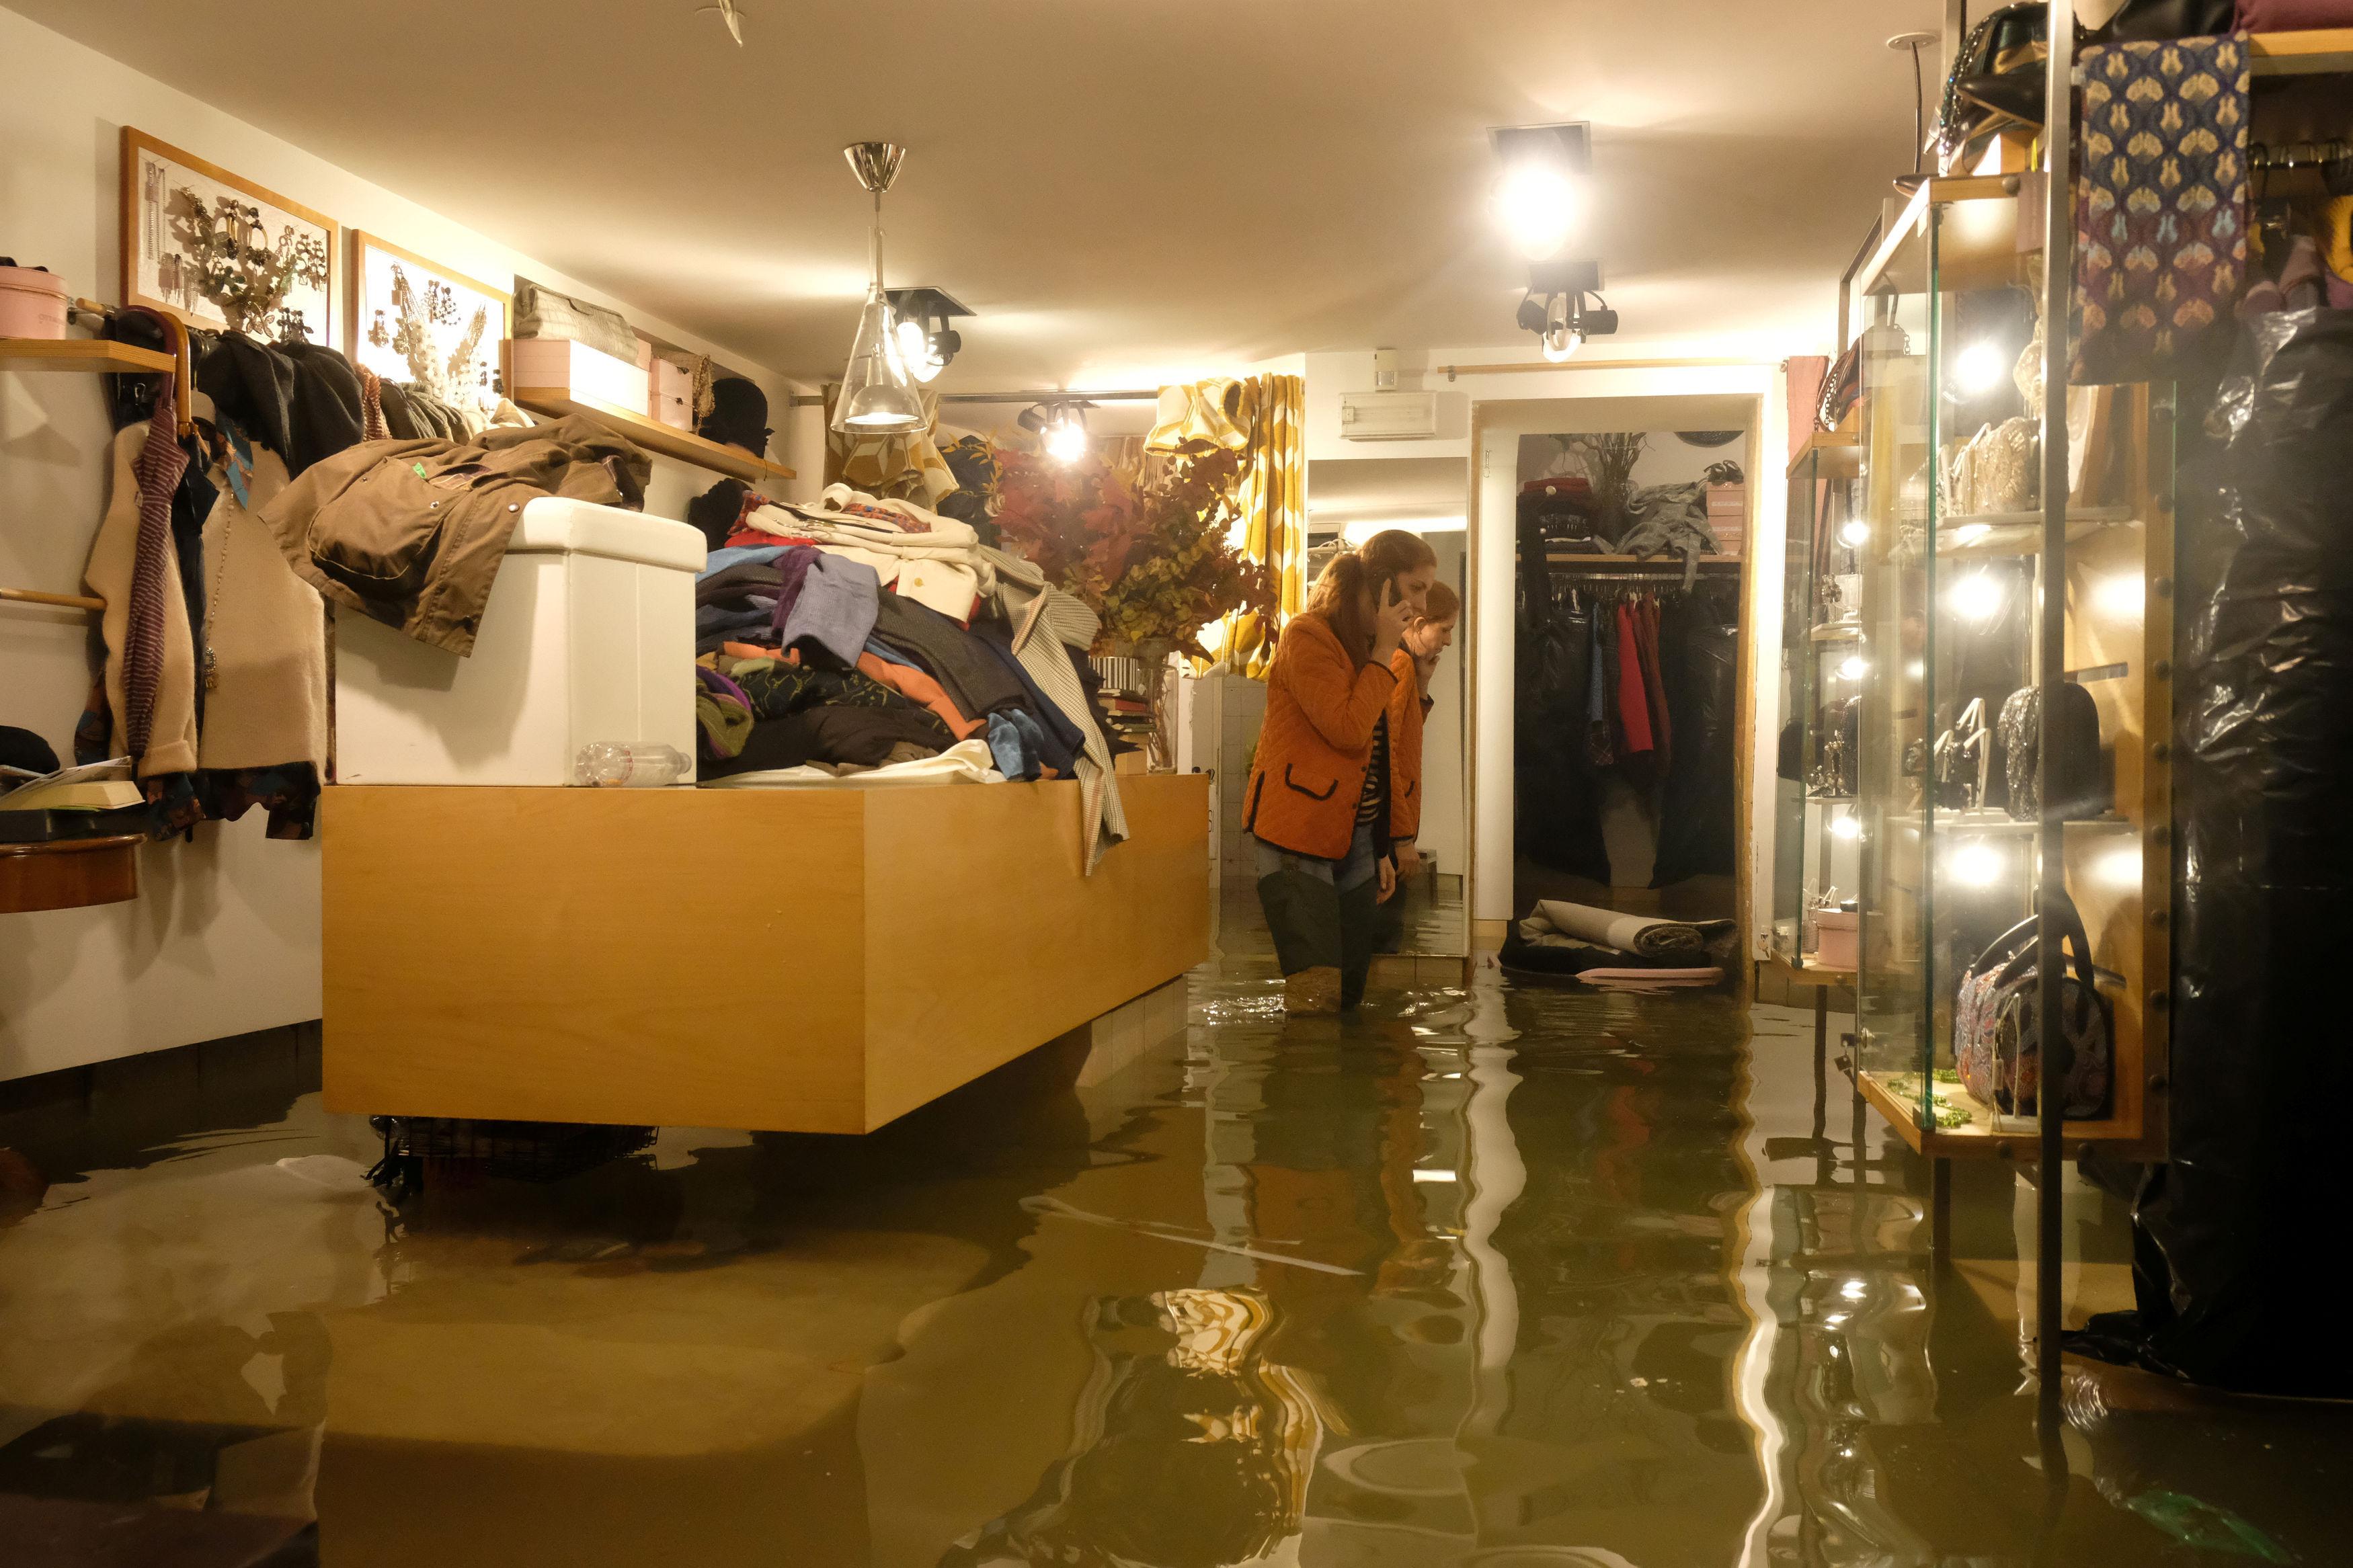 a-flooded-sh Σε κατάσταση καταστροφής η Βενετία - Η δεύτερη μεγαλύτερη πλημμύρα στην ιστορία της (φωτογραφίες)